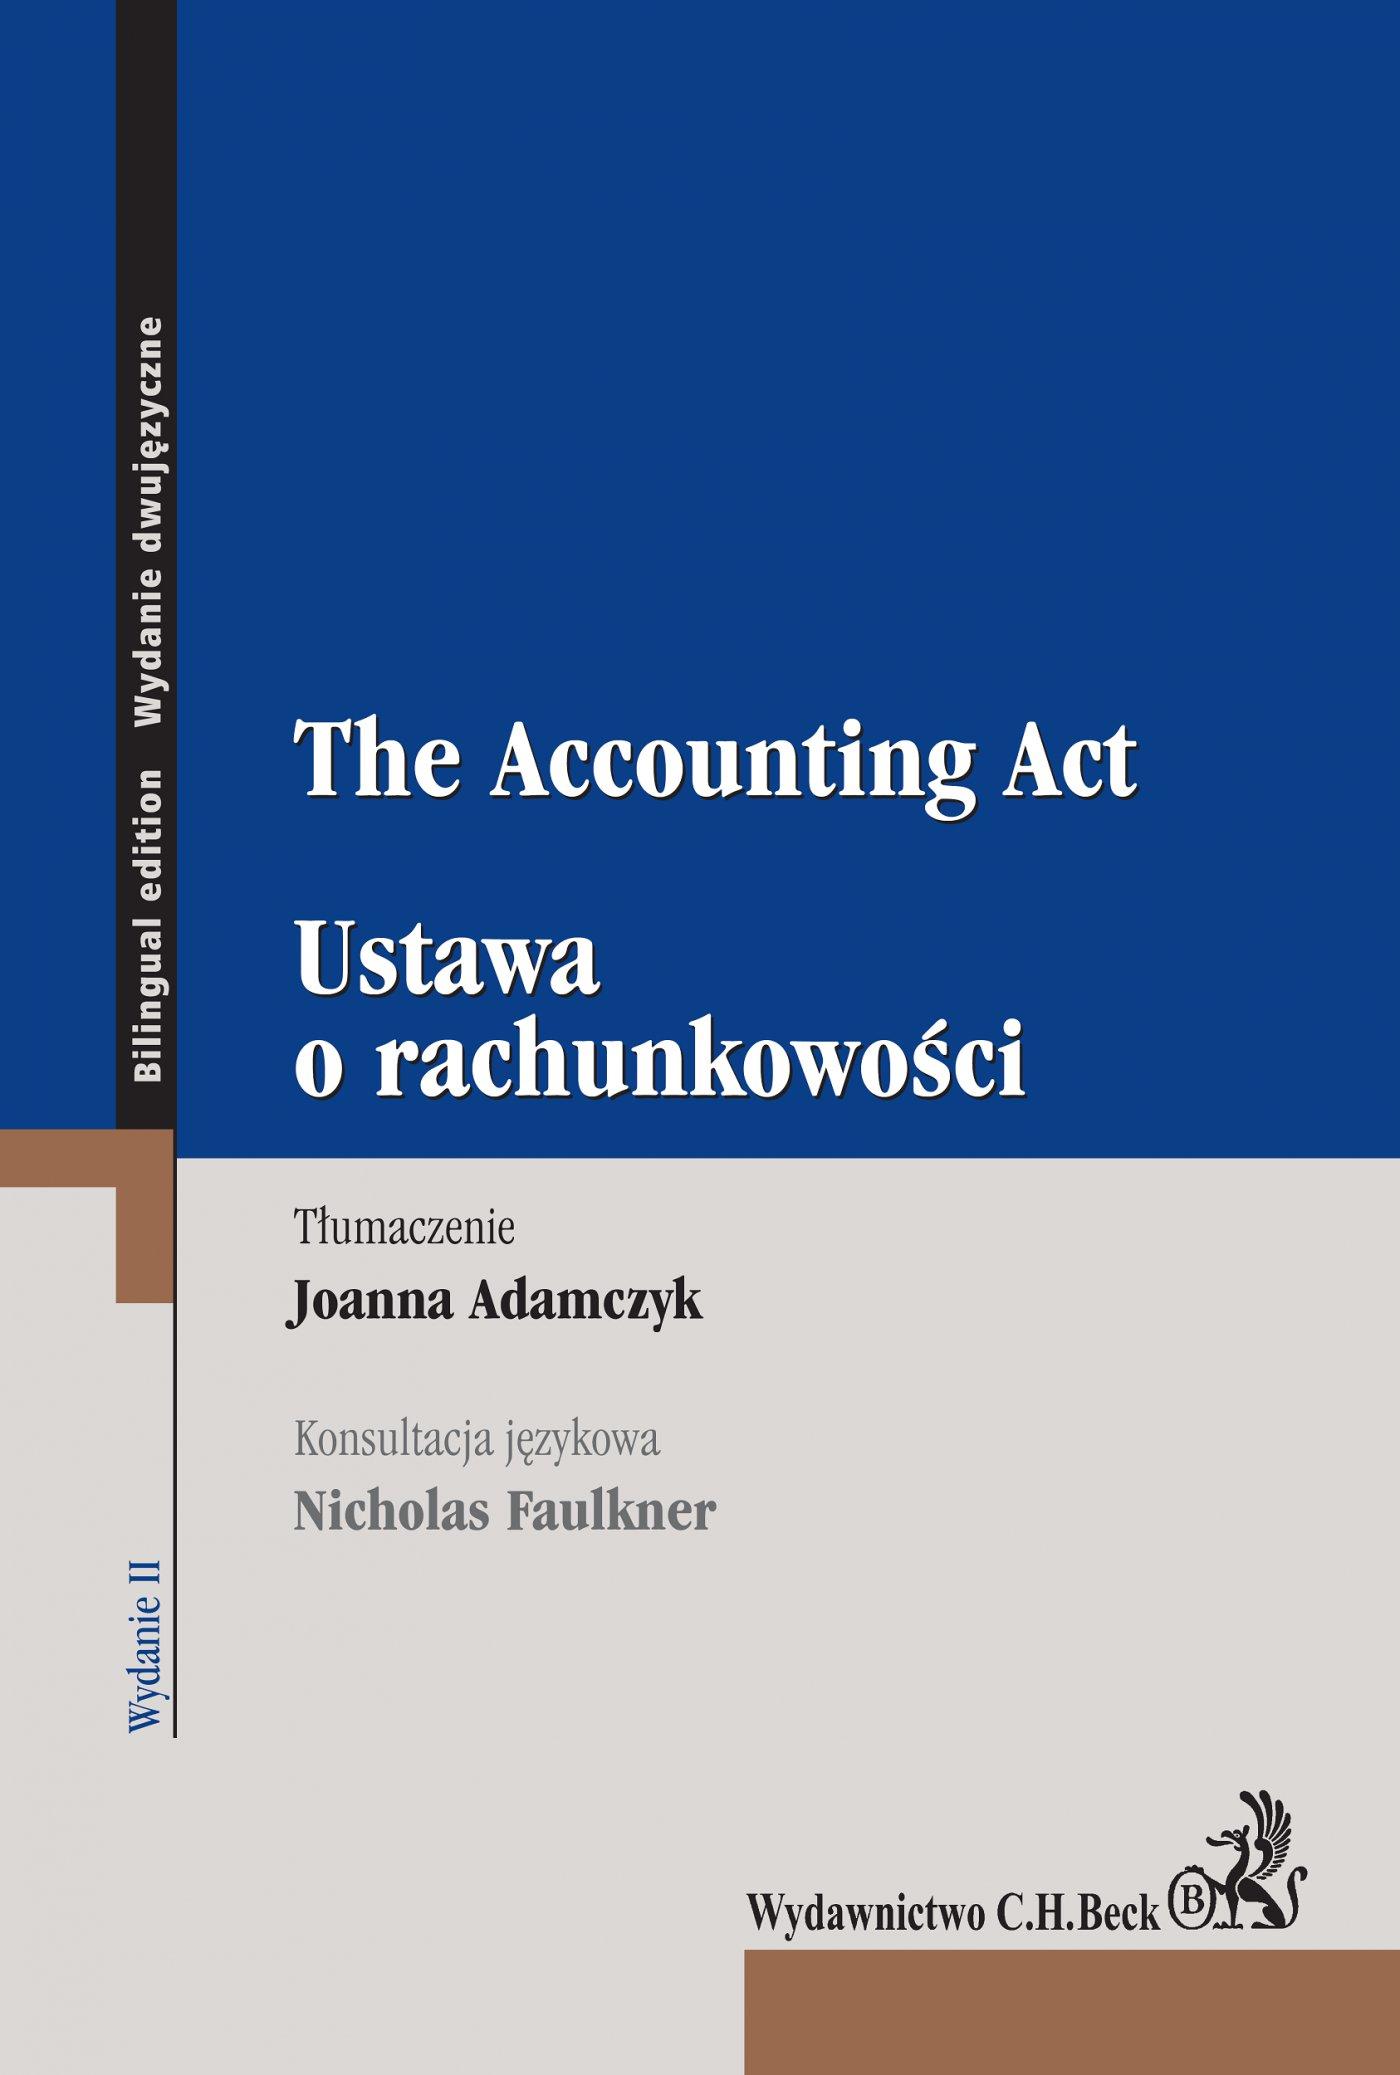 Ustawa o rachunkowości. The Accounting Act - Ebook (Książka PDF) do pobrania w formacie PDF